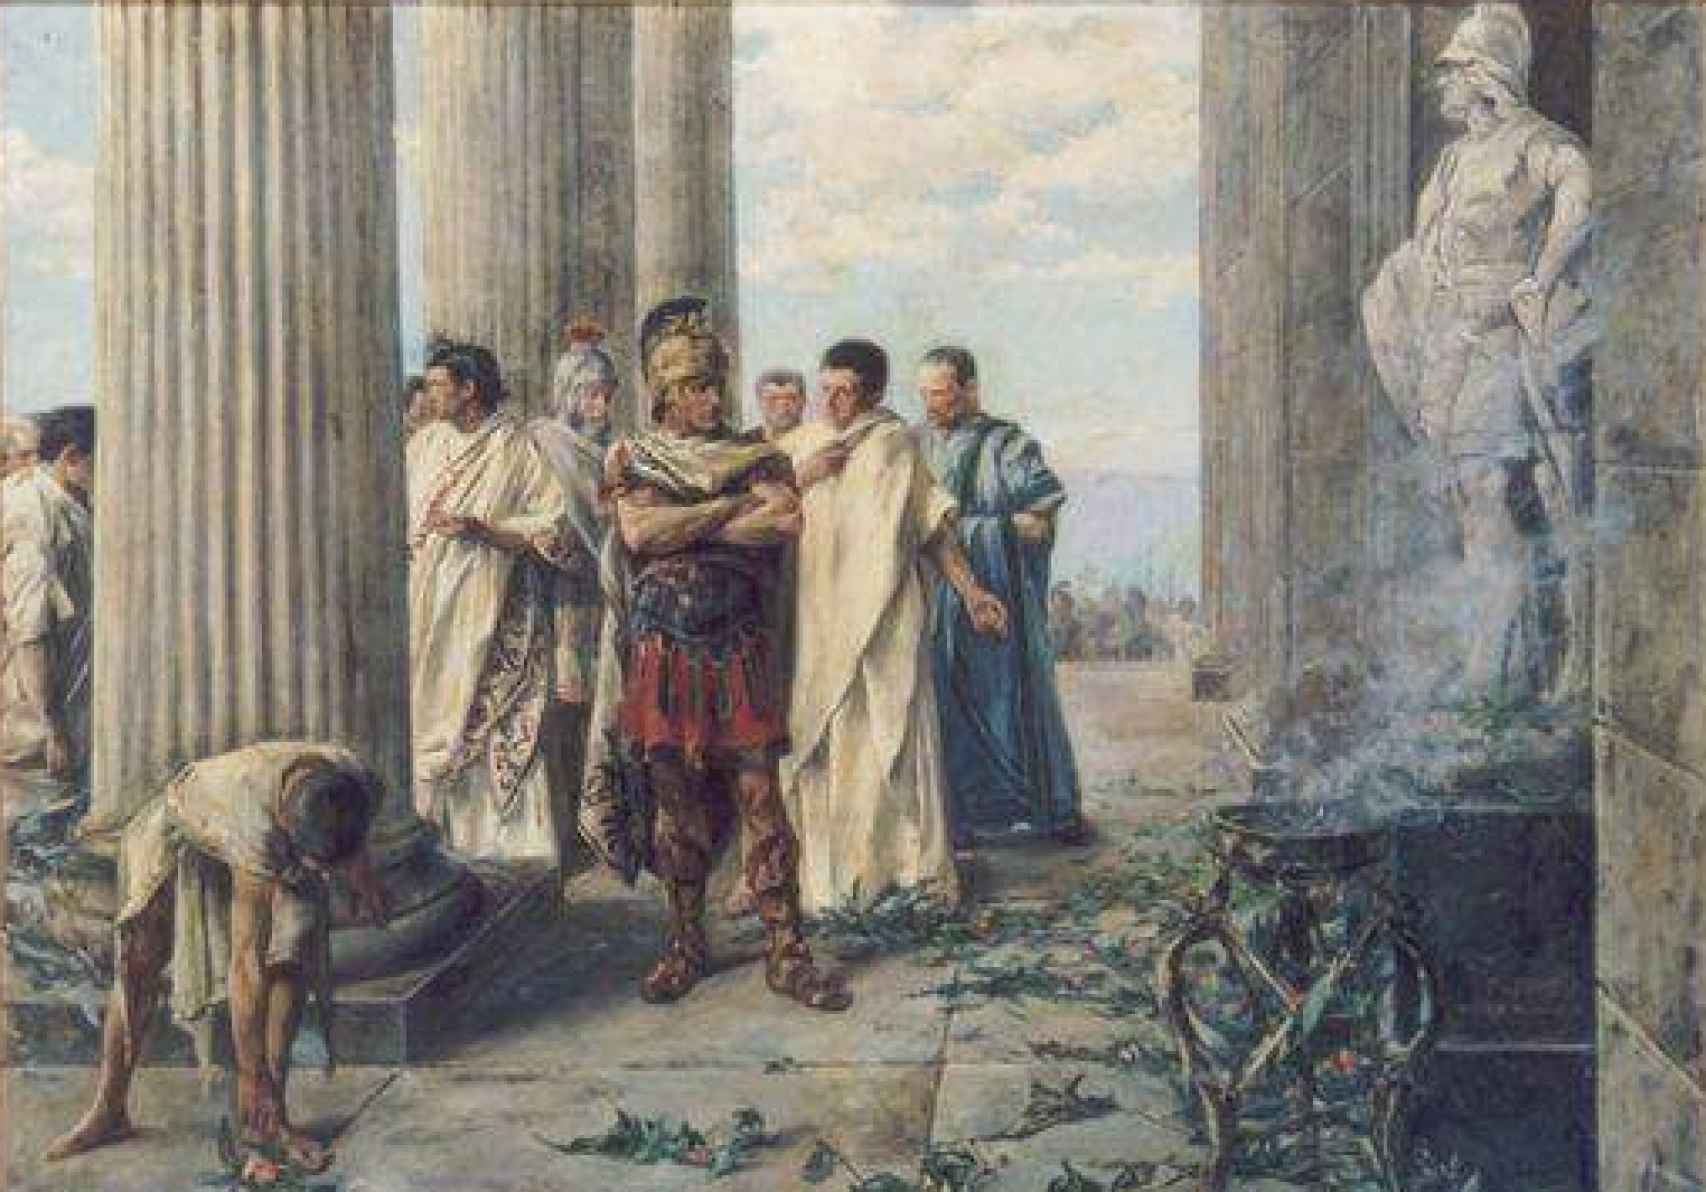 Julio César ante la estatua de Alejandro Magno en el Templo de Hércules.